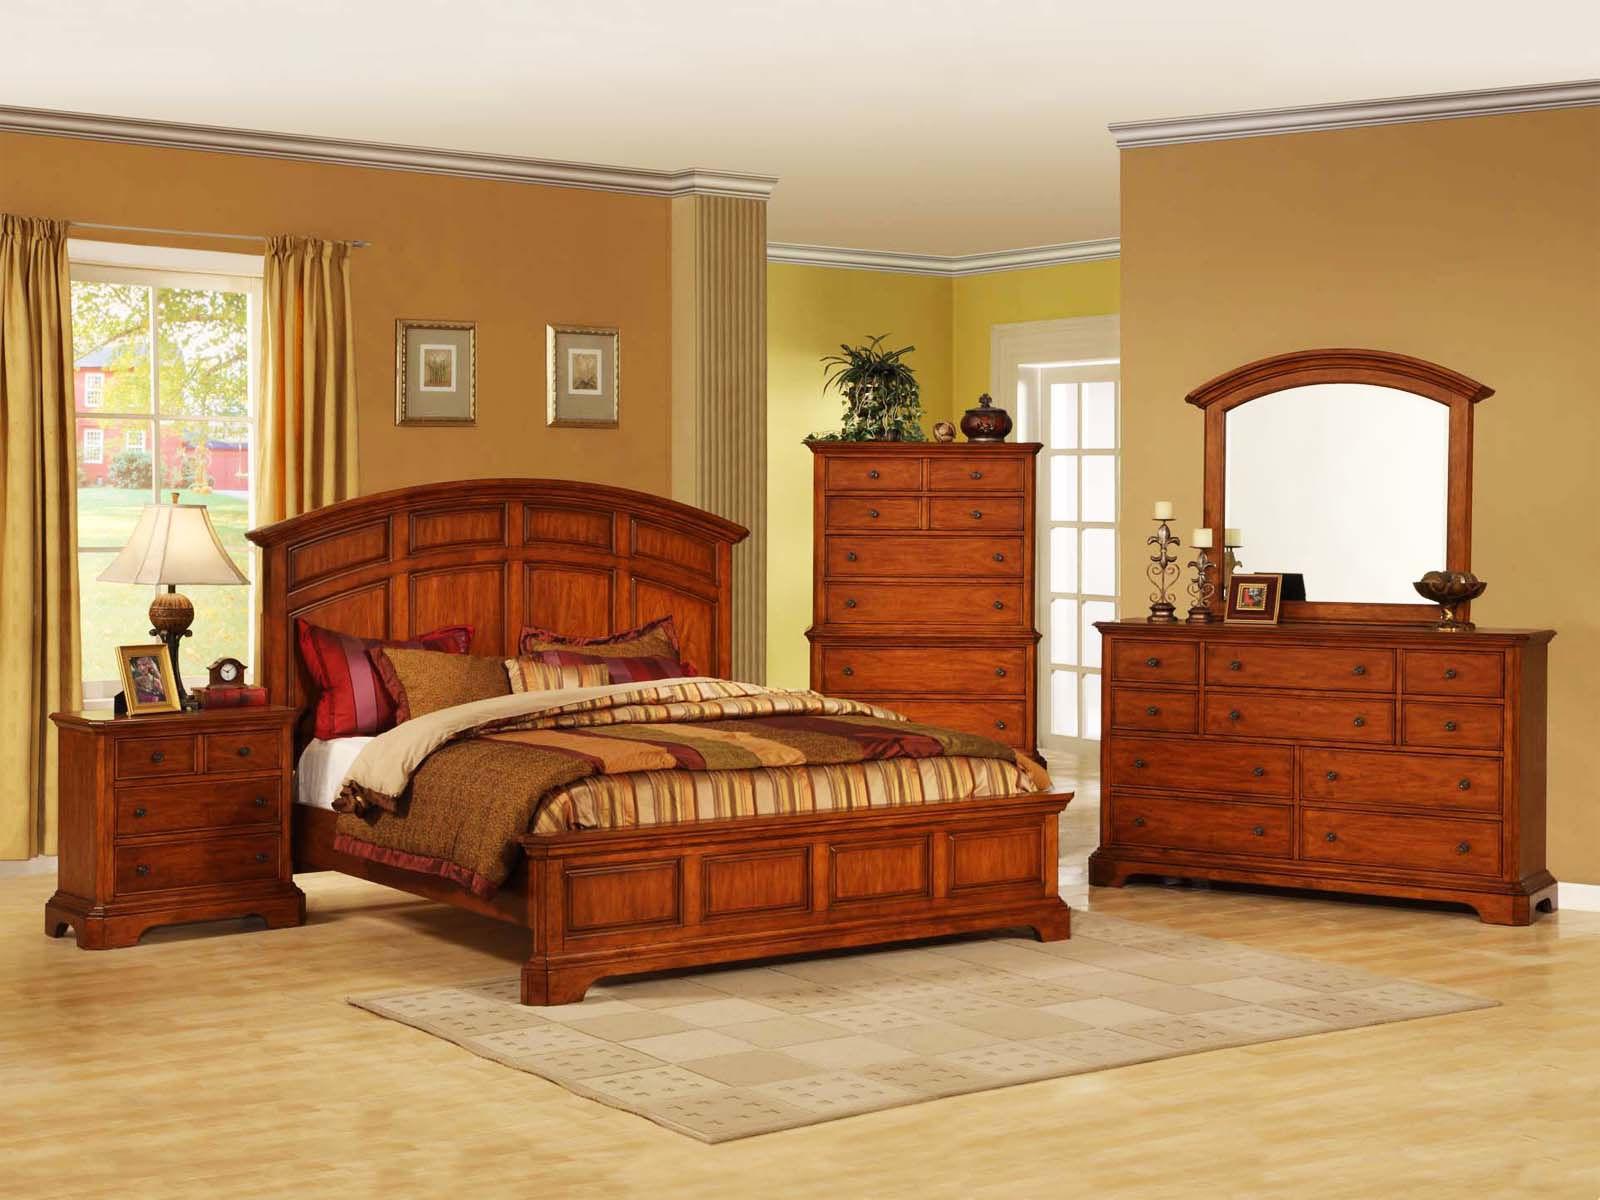 Тумбы и шкафчики в спальне - это не только стильно, но и практично